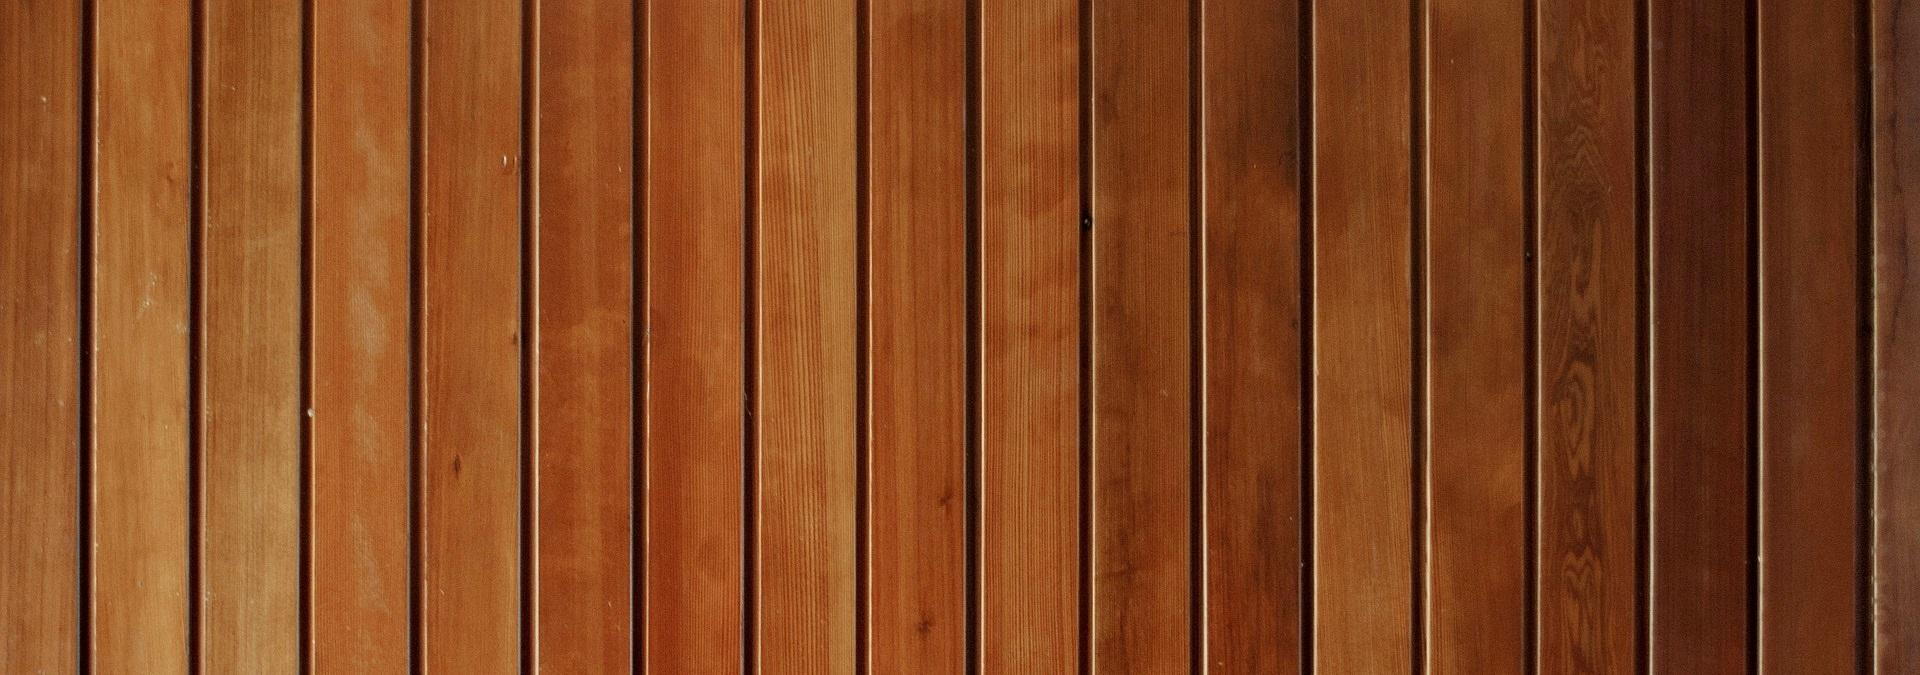 neubaufeuchtesch den feuchtigkeit bautrocknung duregger bautrockner restfeuchte schimmel. Black Bedroom Furniture Sets. Home Design Ideas